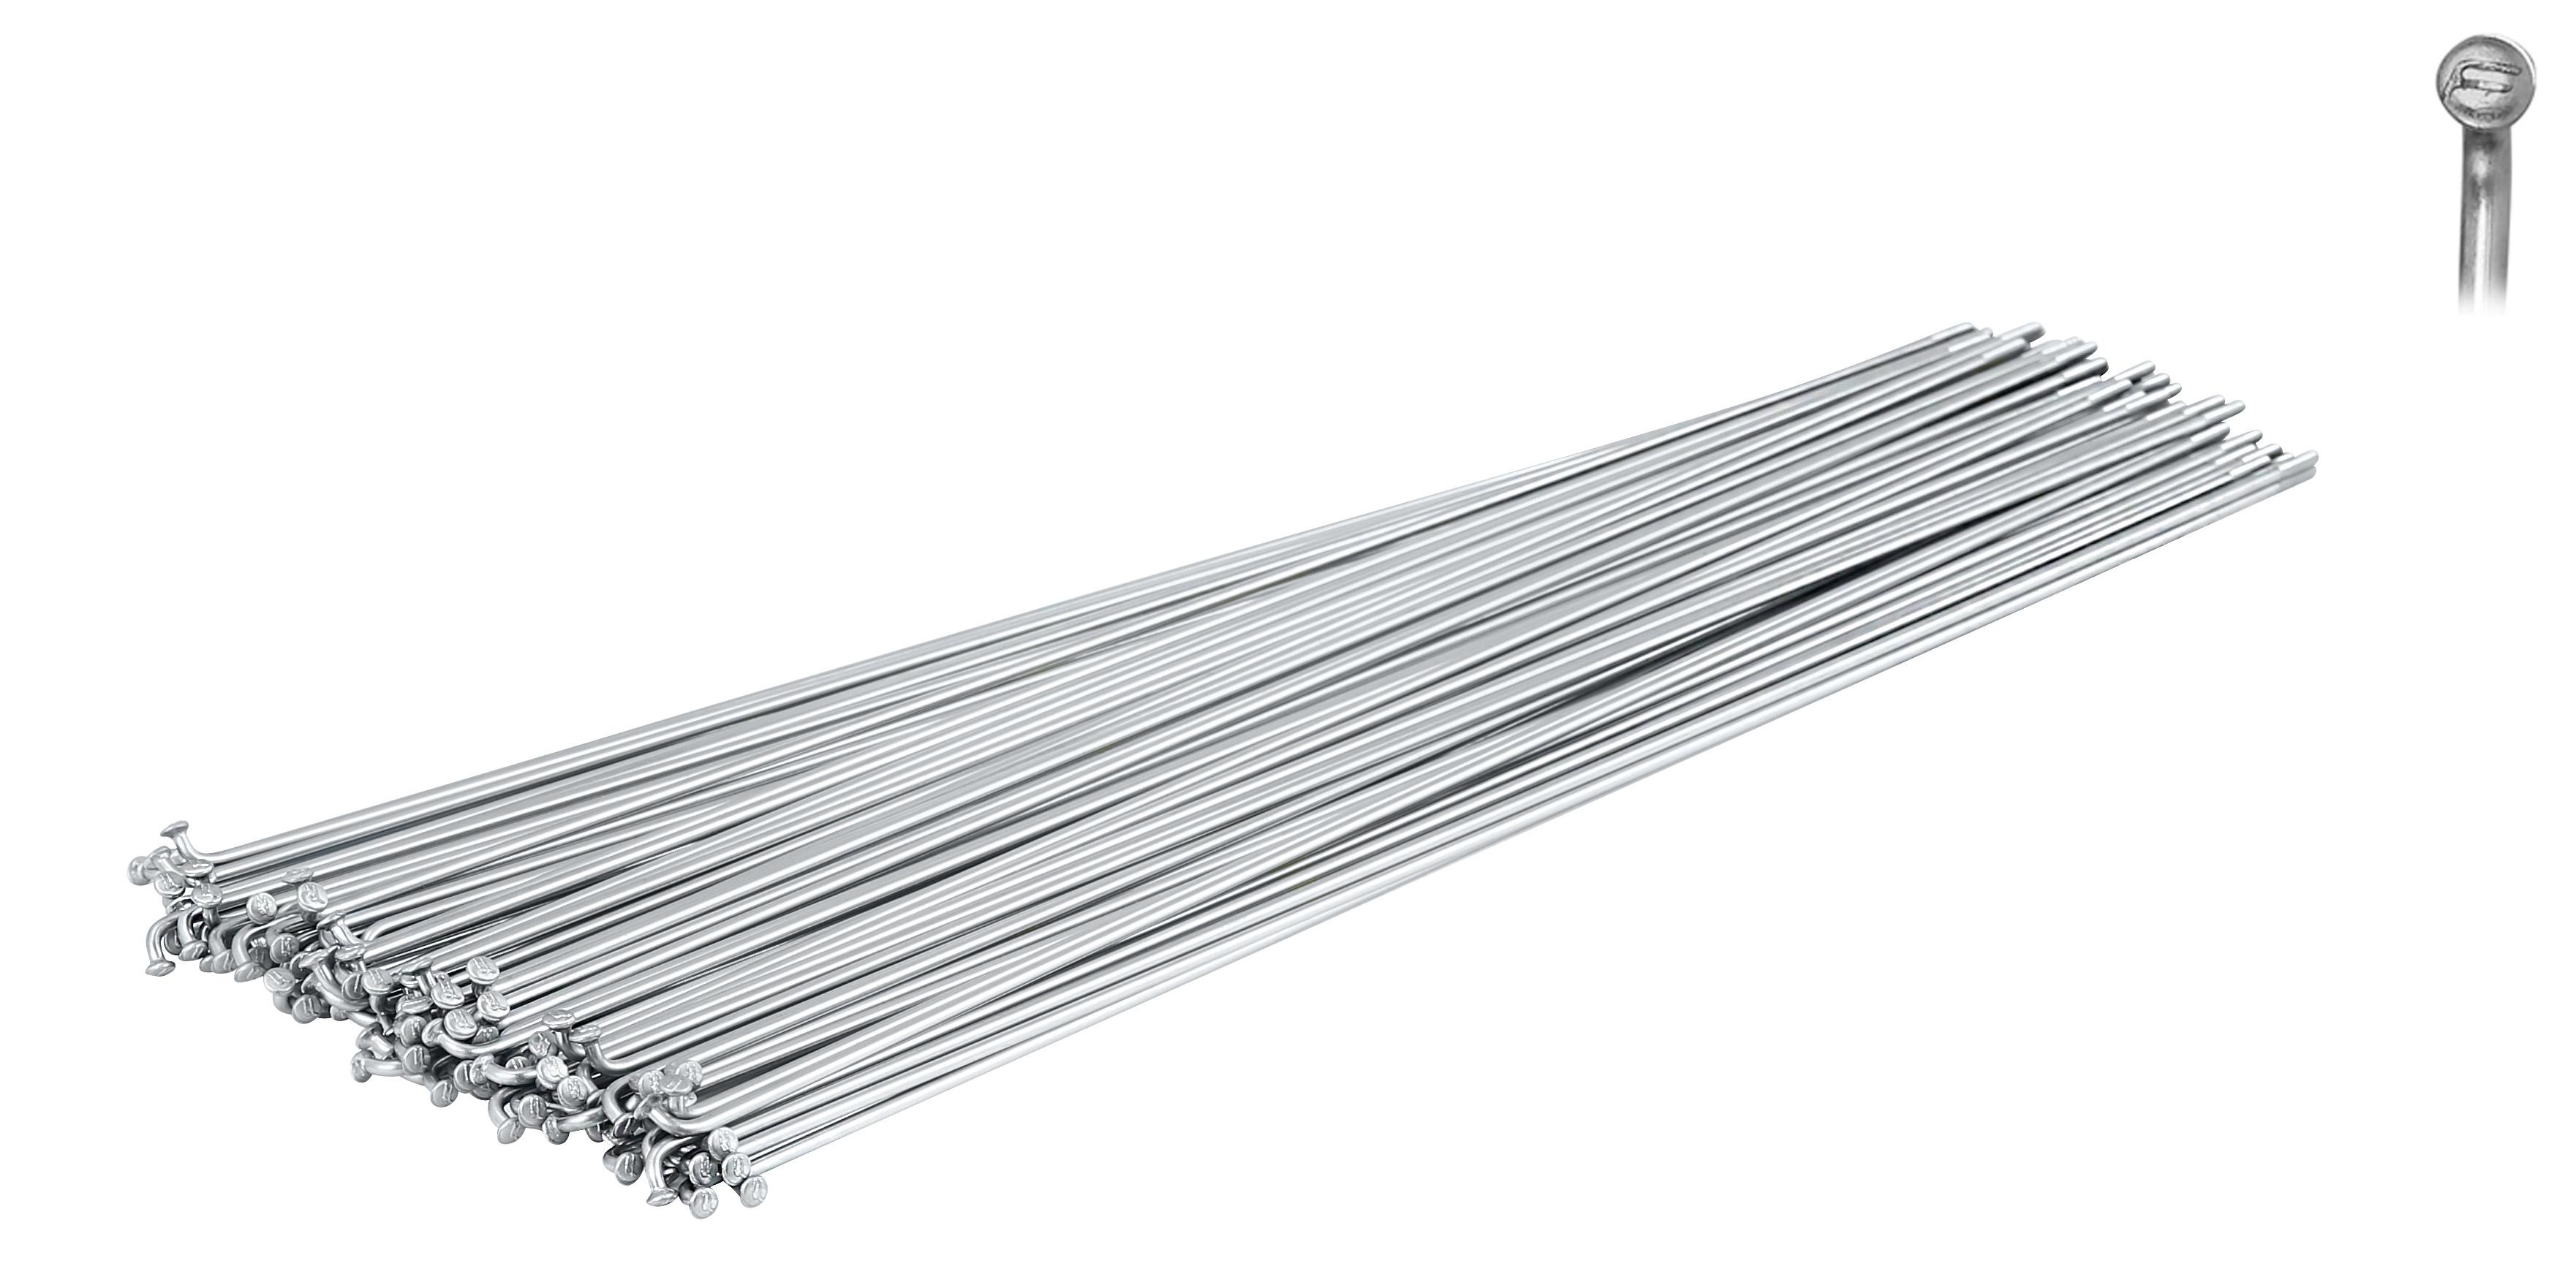 dráty FORCE nerez stříbrné 2 mm x 260 mm